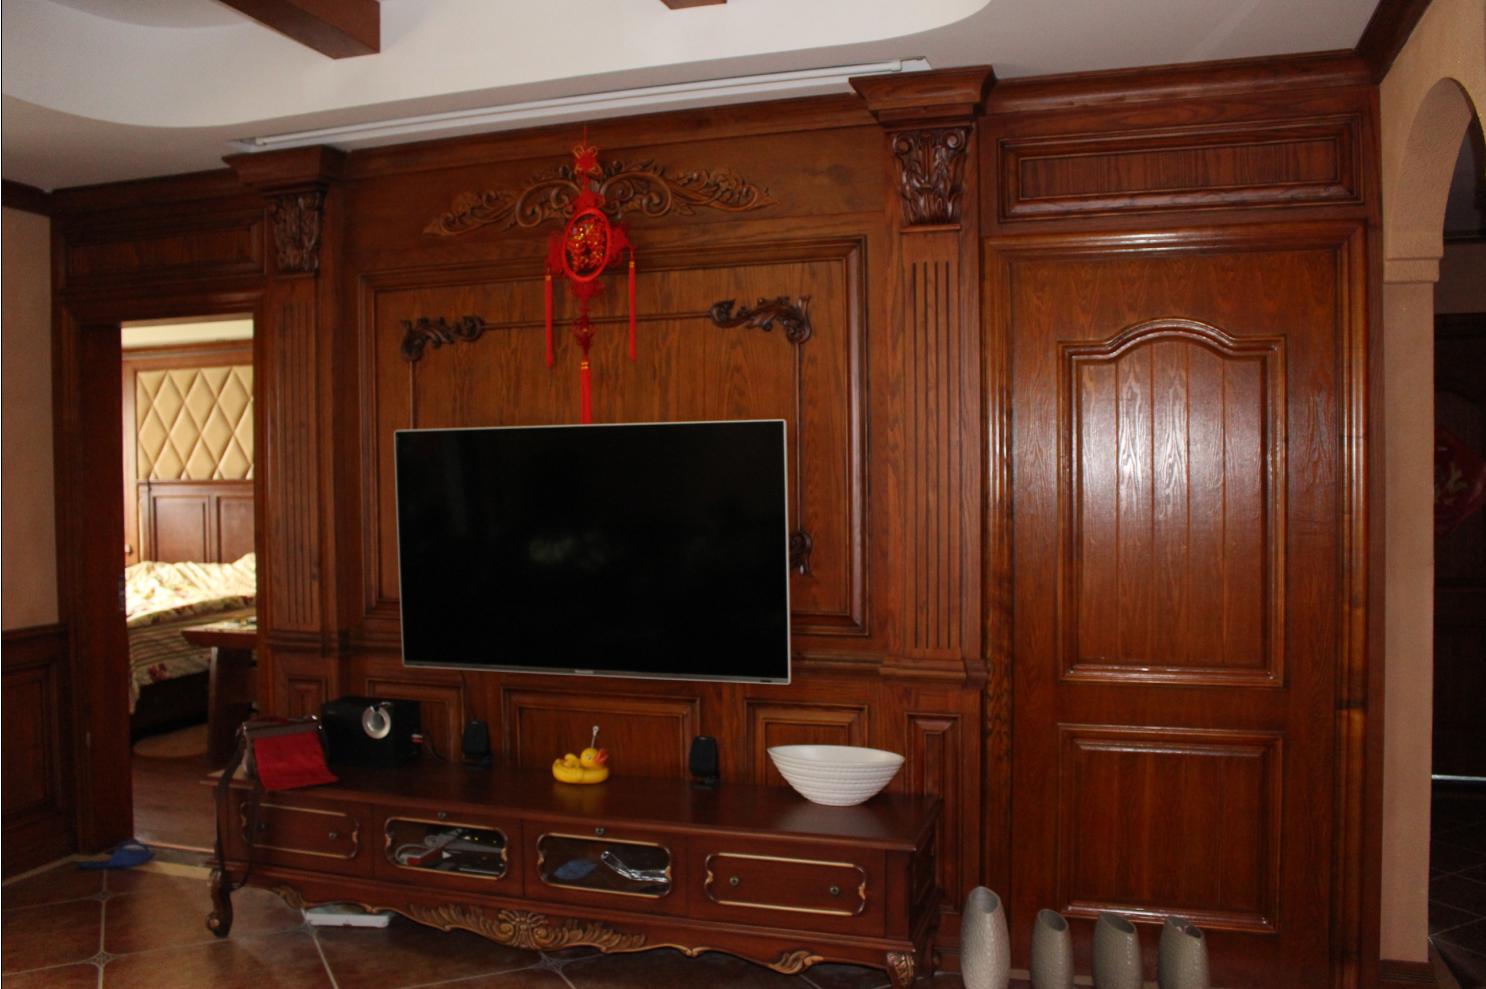 电视护墙板怎么安装 电视护墙板安装施工步骤